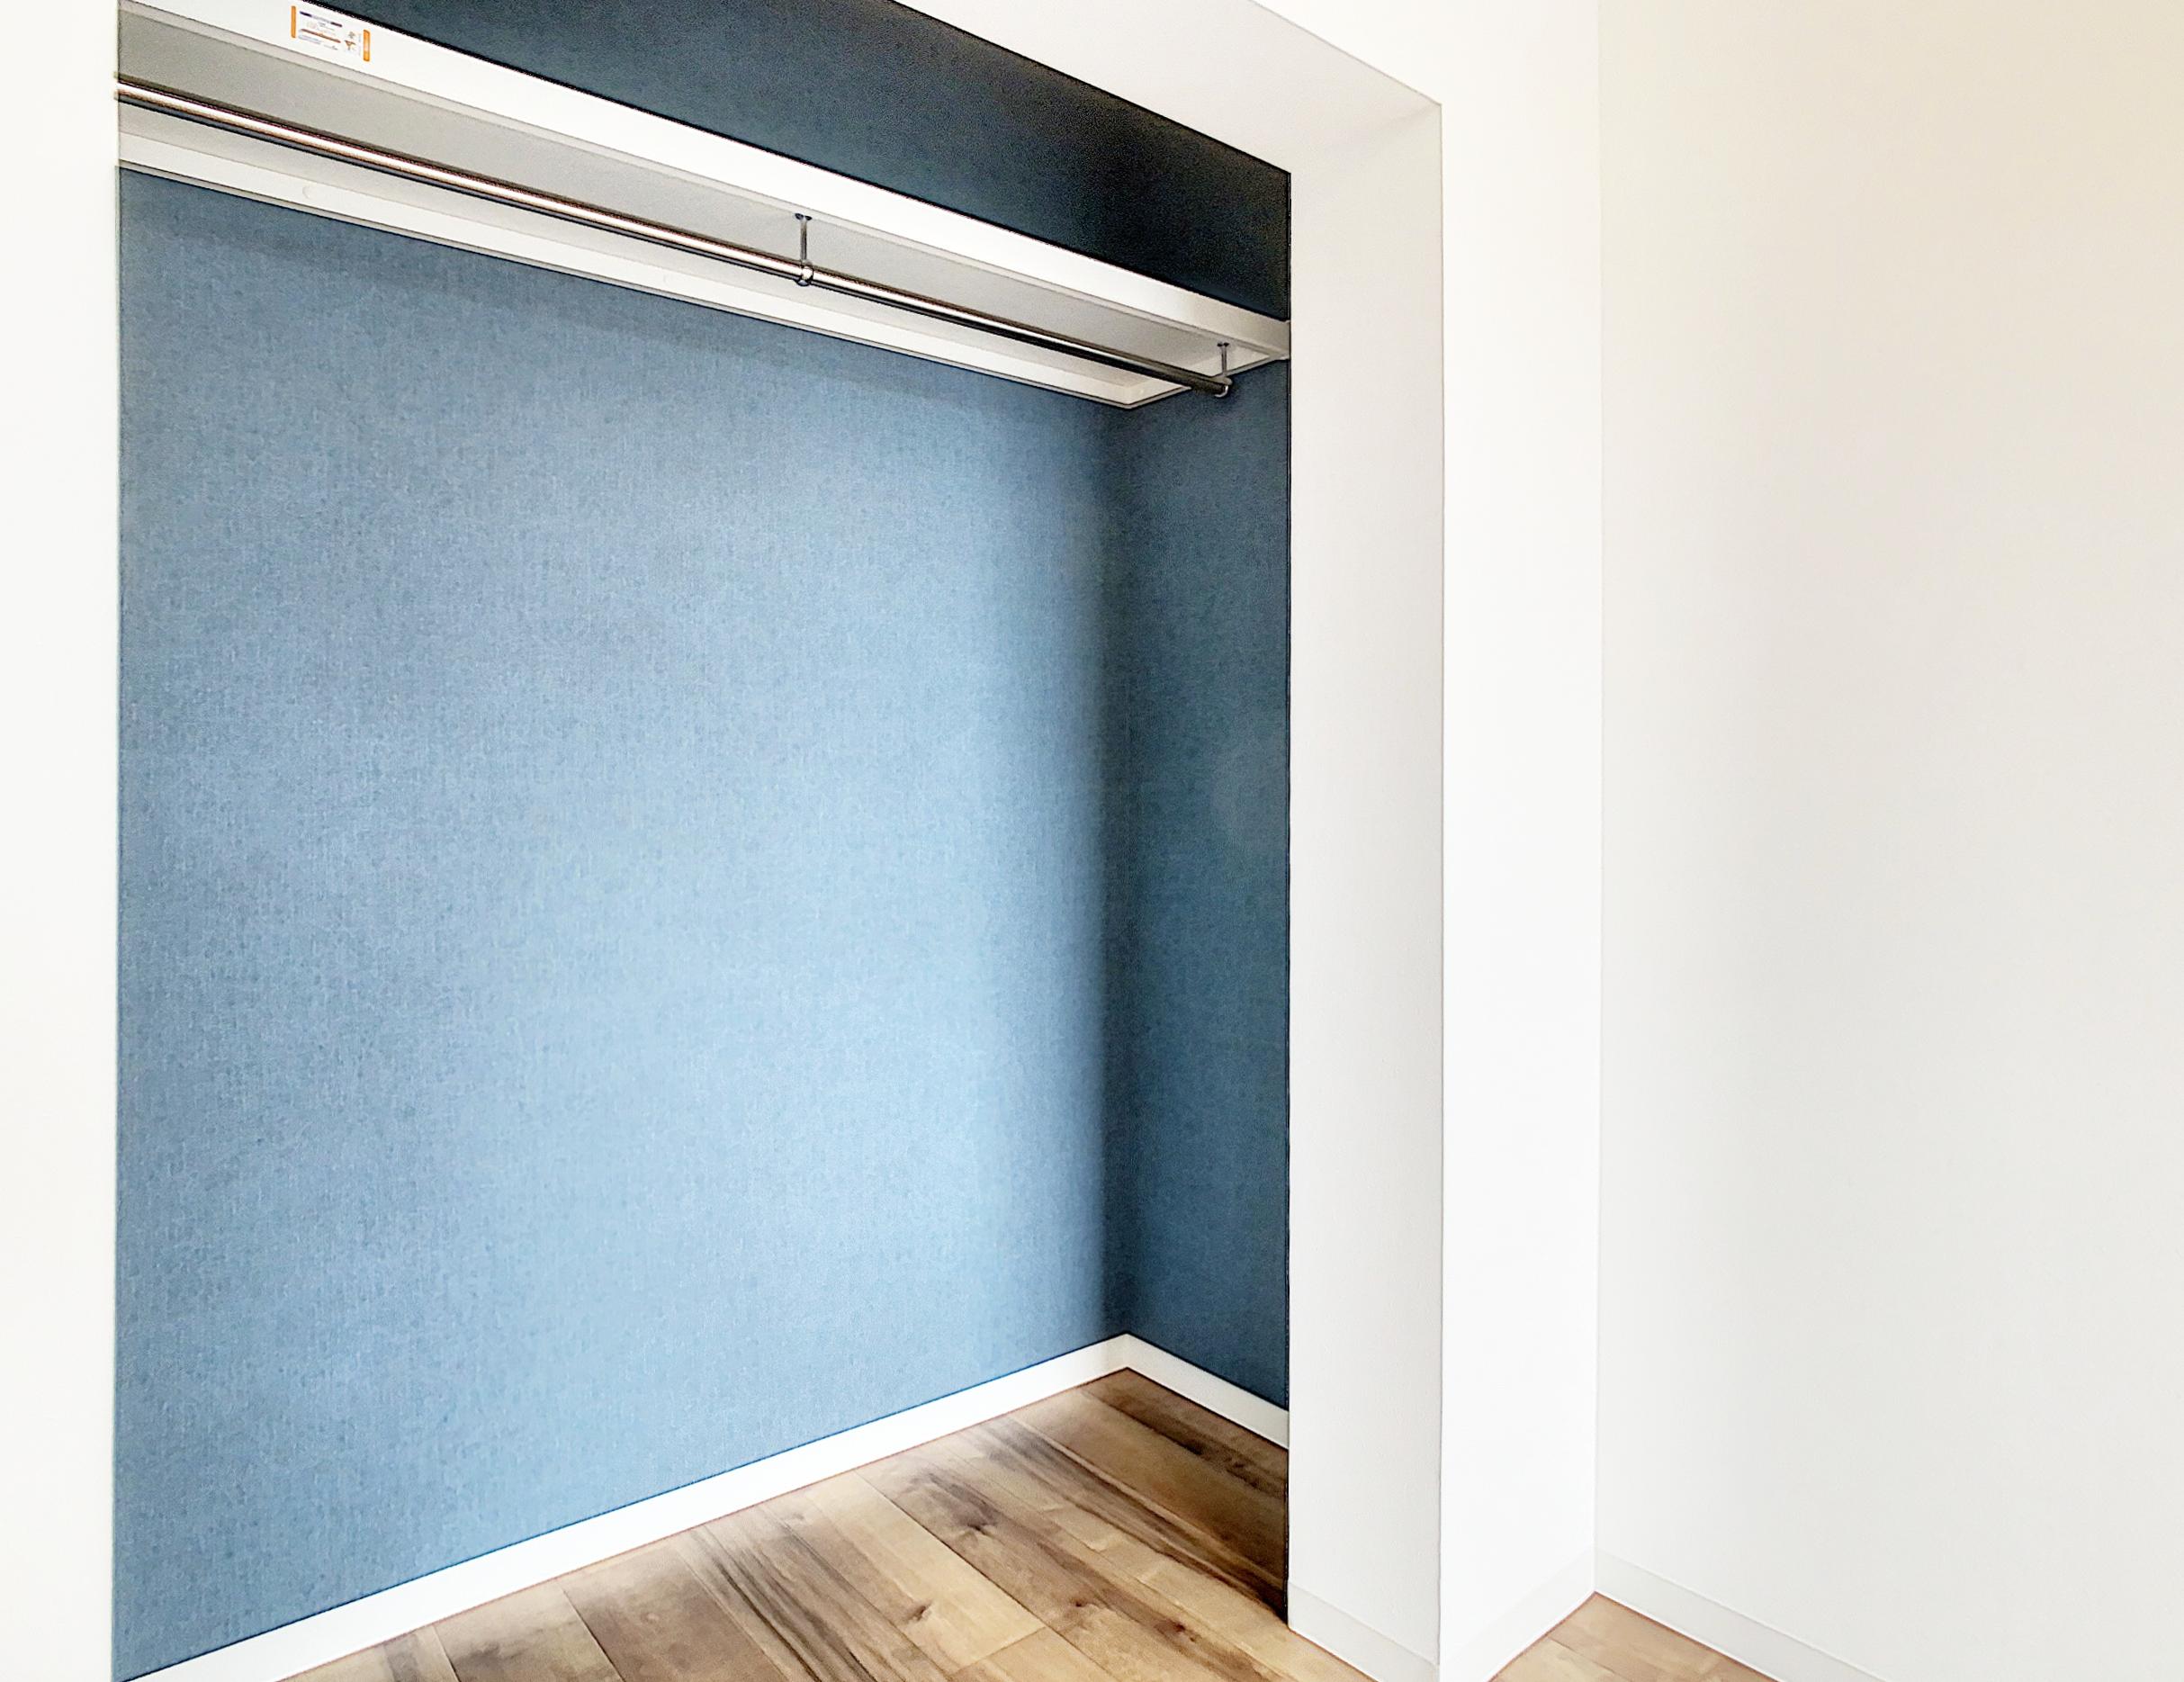 トレンドカラー・ネイビーのオープンクローゼットはお部屋のアクセントに!